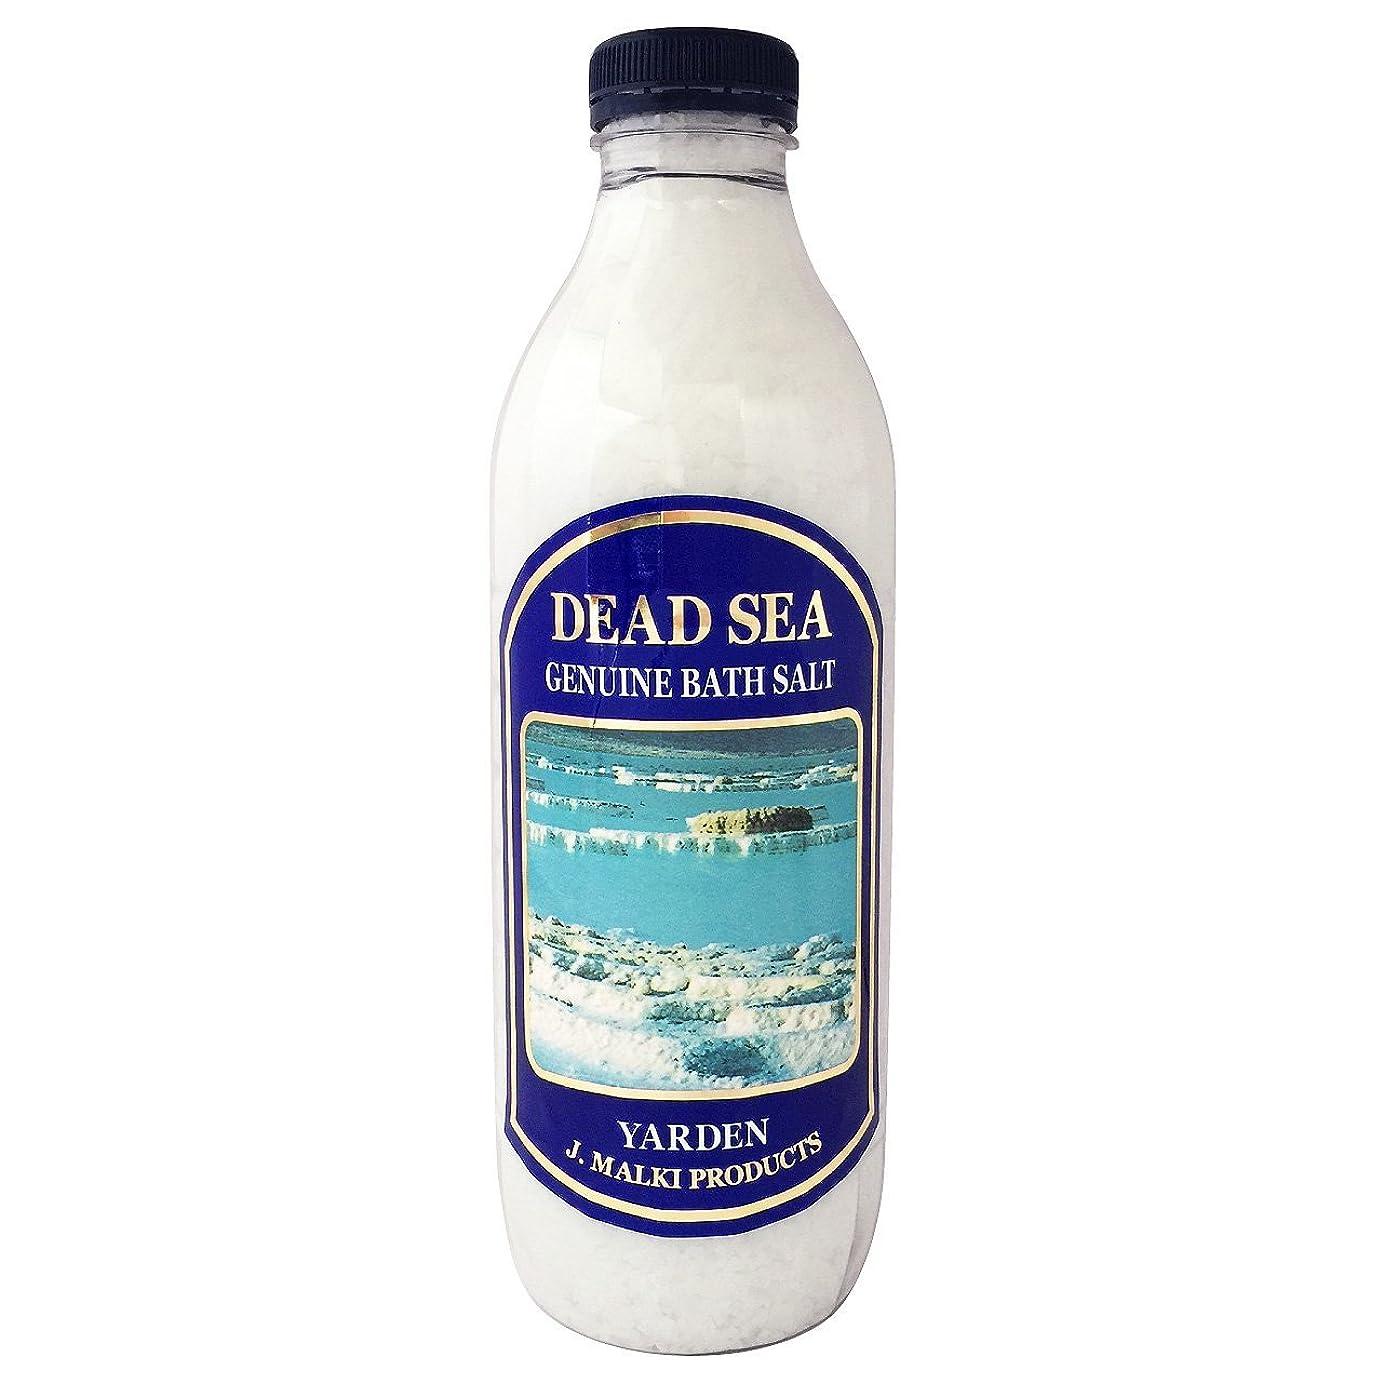 経由でコカインより平らなデッドシー?バスソルト 1kg(約10回分)【DEAD SEA BATH SALT】死海の塩/入浴剤(入浴用化粧品)